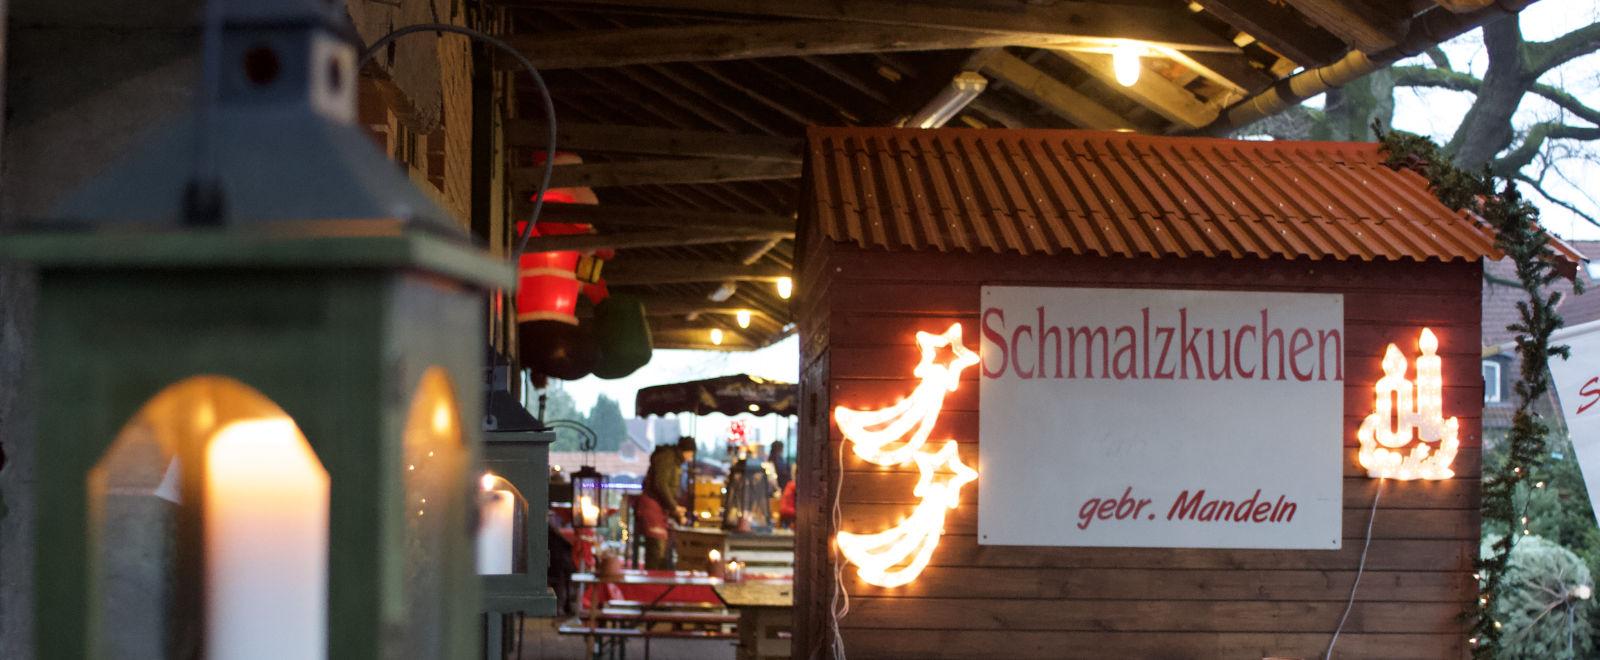 Tannenbaum Selber Schlagen Bremen.Weihnachtsmarkt Weihnachtsbäume Tannenbaum Bremen Achim Verden